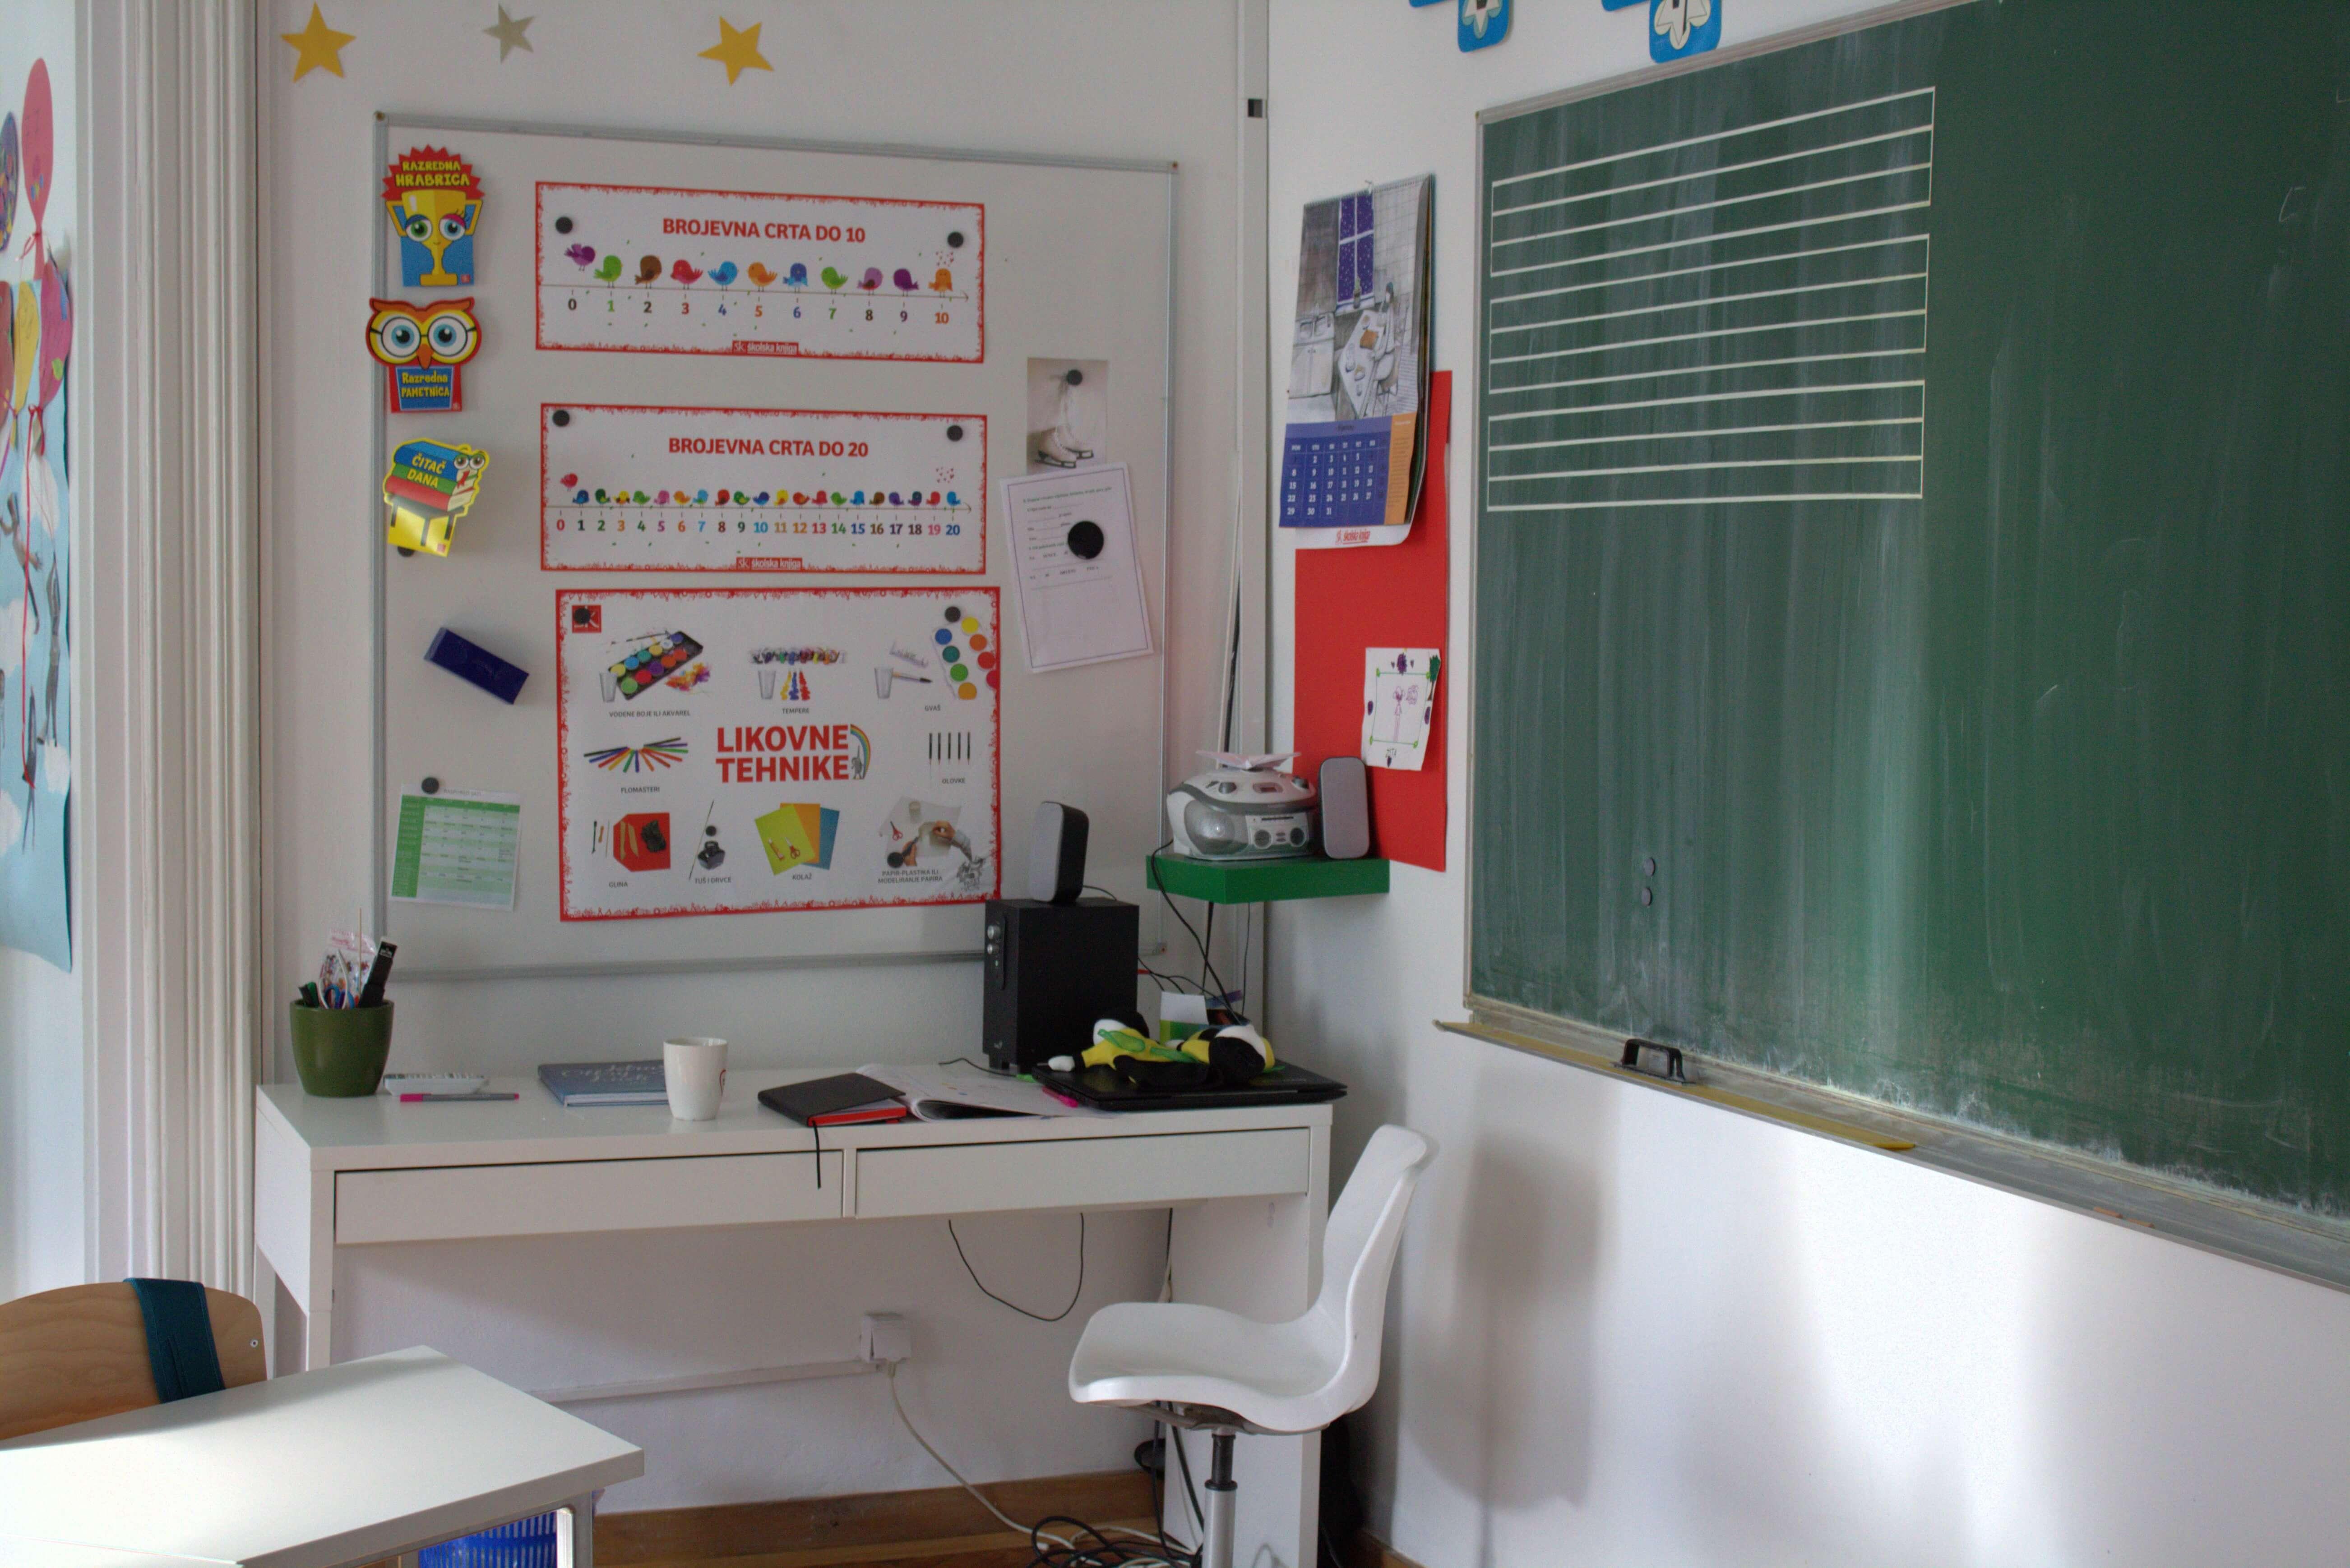 Potpuno drugačija online nastava: Sve sate imamo uživo, učenici se moraju javljati za riječ, a sustav nam nikad nije zaštekao